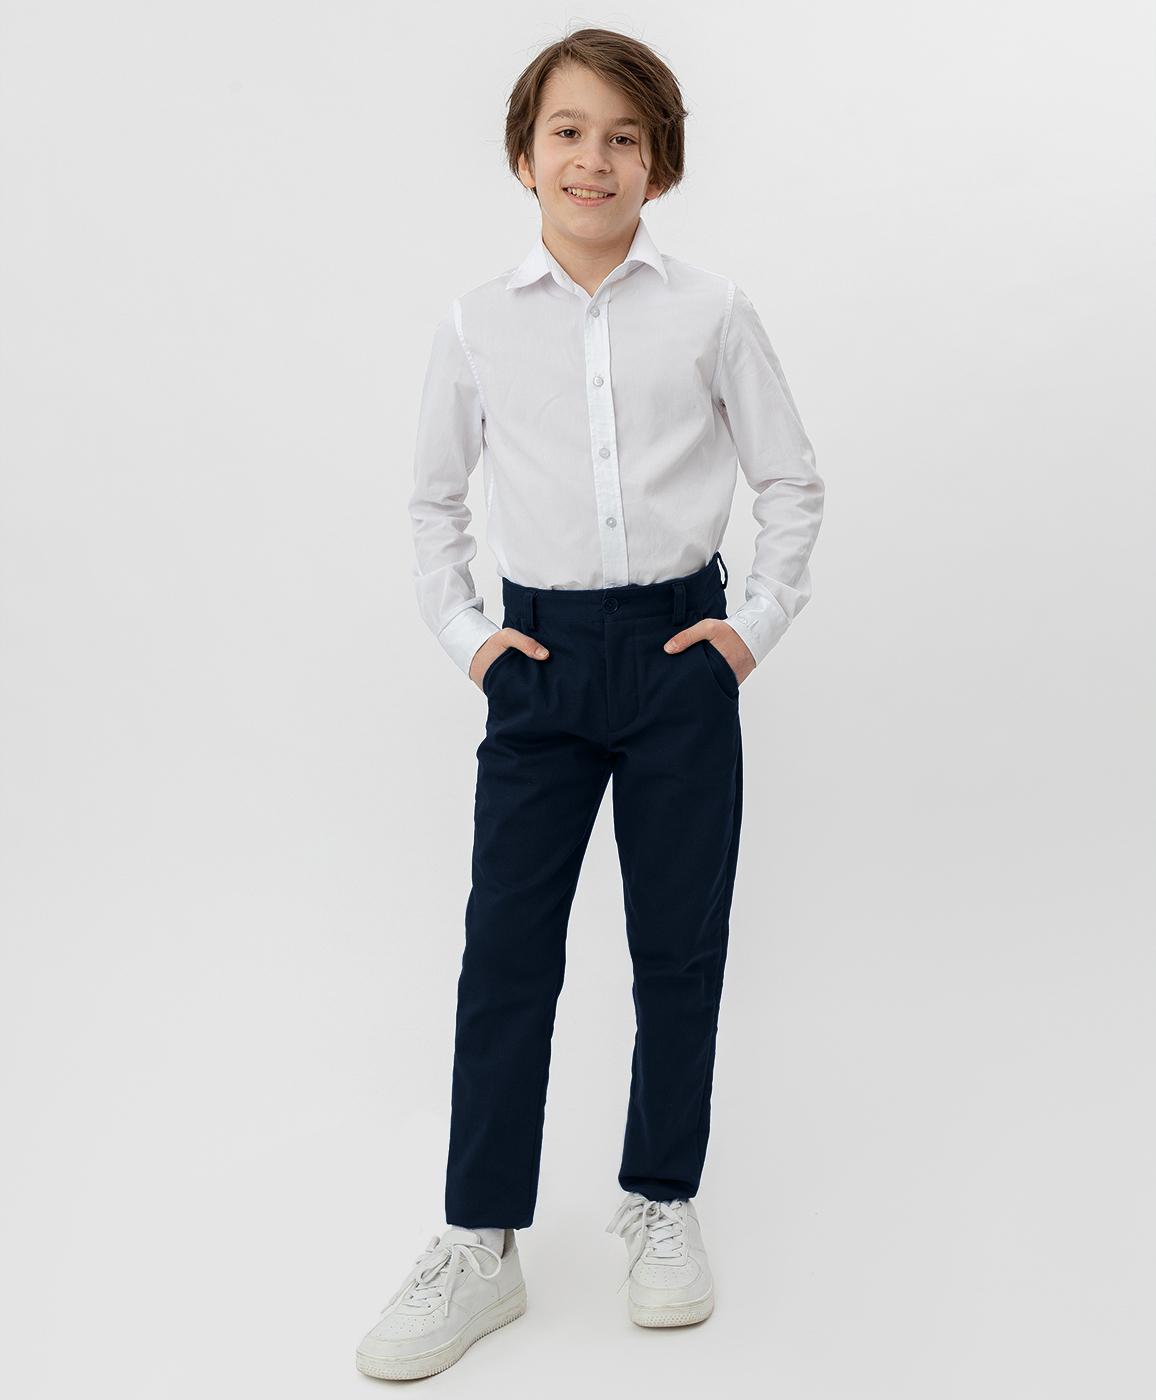 Купить 220BBBS63011000, Синие брюки-слим Button Blue, синий, 122, Текстиль, Мужской, Демисезон, ШКОЛЬНАЯ ФОРМА 2020-2021 (shop: GulliverMarket Gulliver Market)